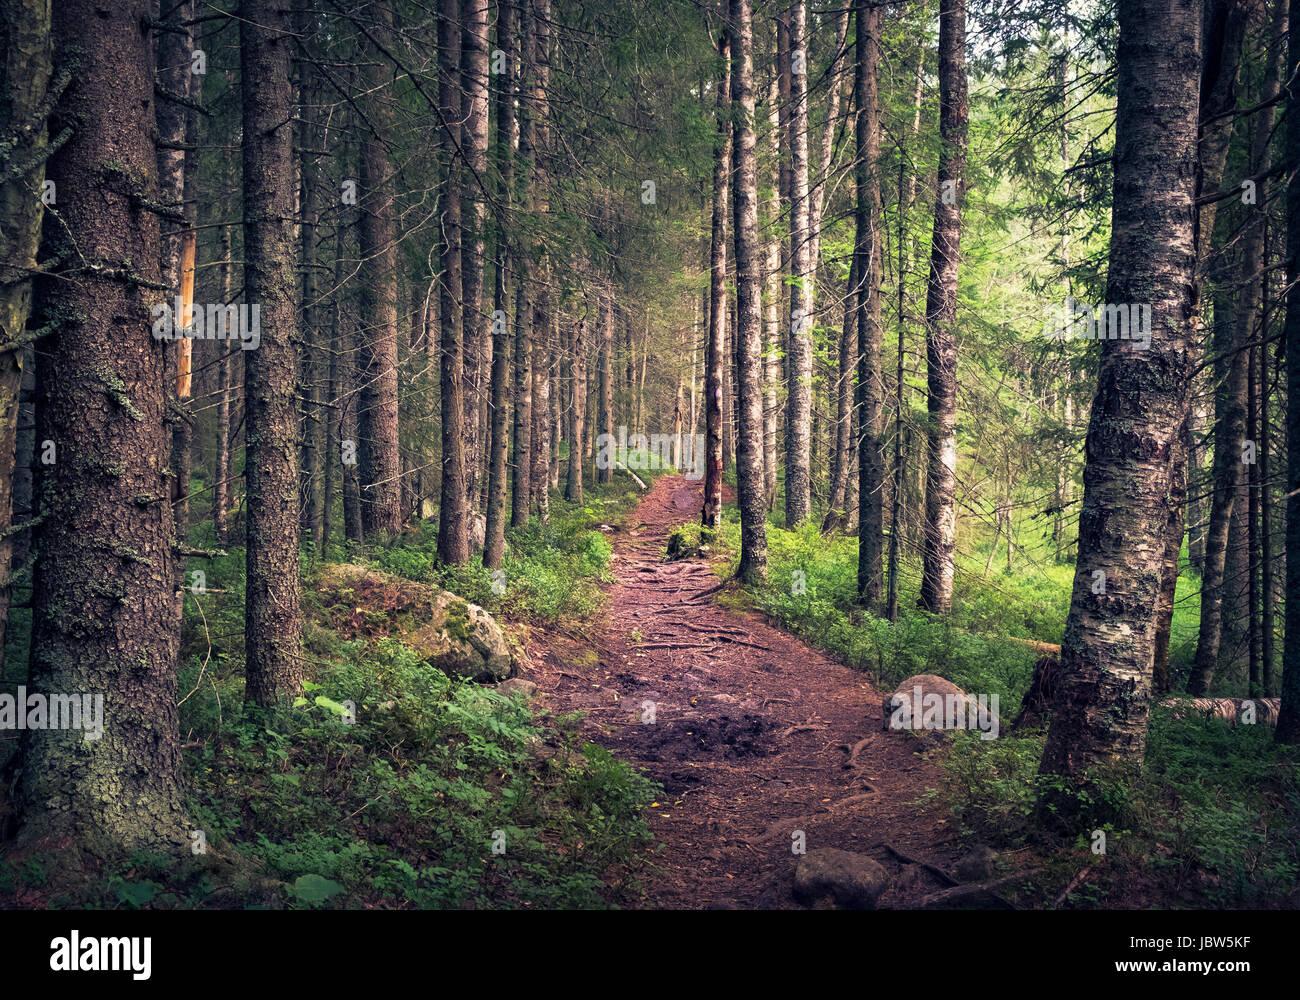 Paesaggio idilliaco con percorso e foreste vergini in mattinata estiva in Koli, Finlandia Immagini Stock